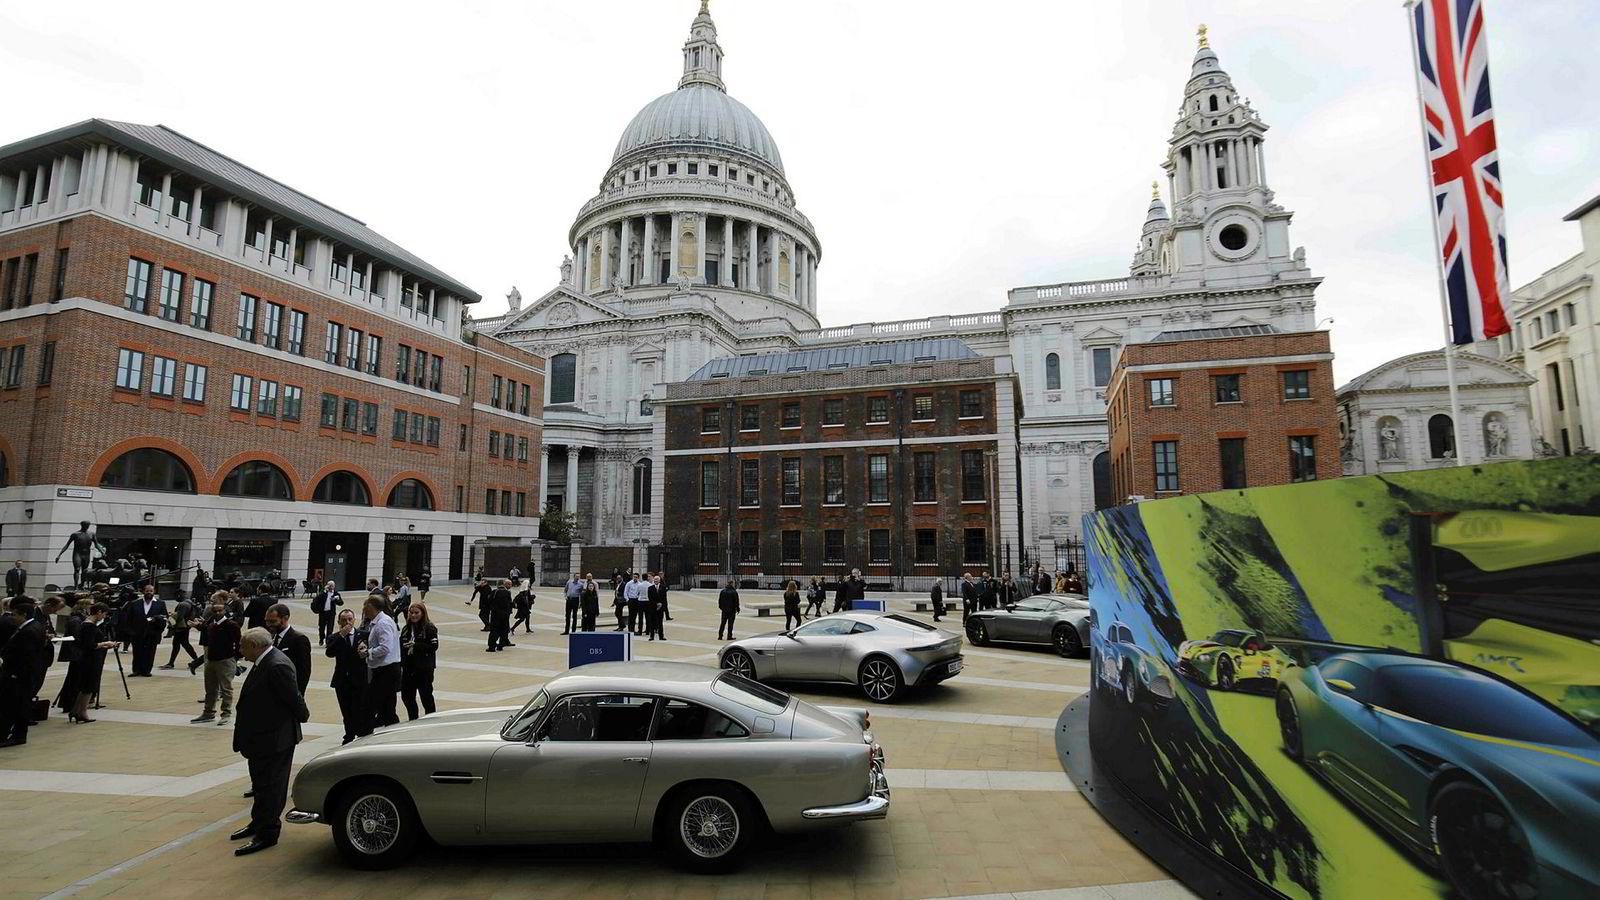 London-børsen faller i likhet med alle de europeiske børsene torsdag. Her fra børsnoteringen av luksusbilmerket Aston Martin sist uke. Aksjene i eierselskapet Aston Martin Lagonda Global Holdings plc har falt daglig siden noteringen.